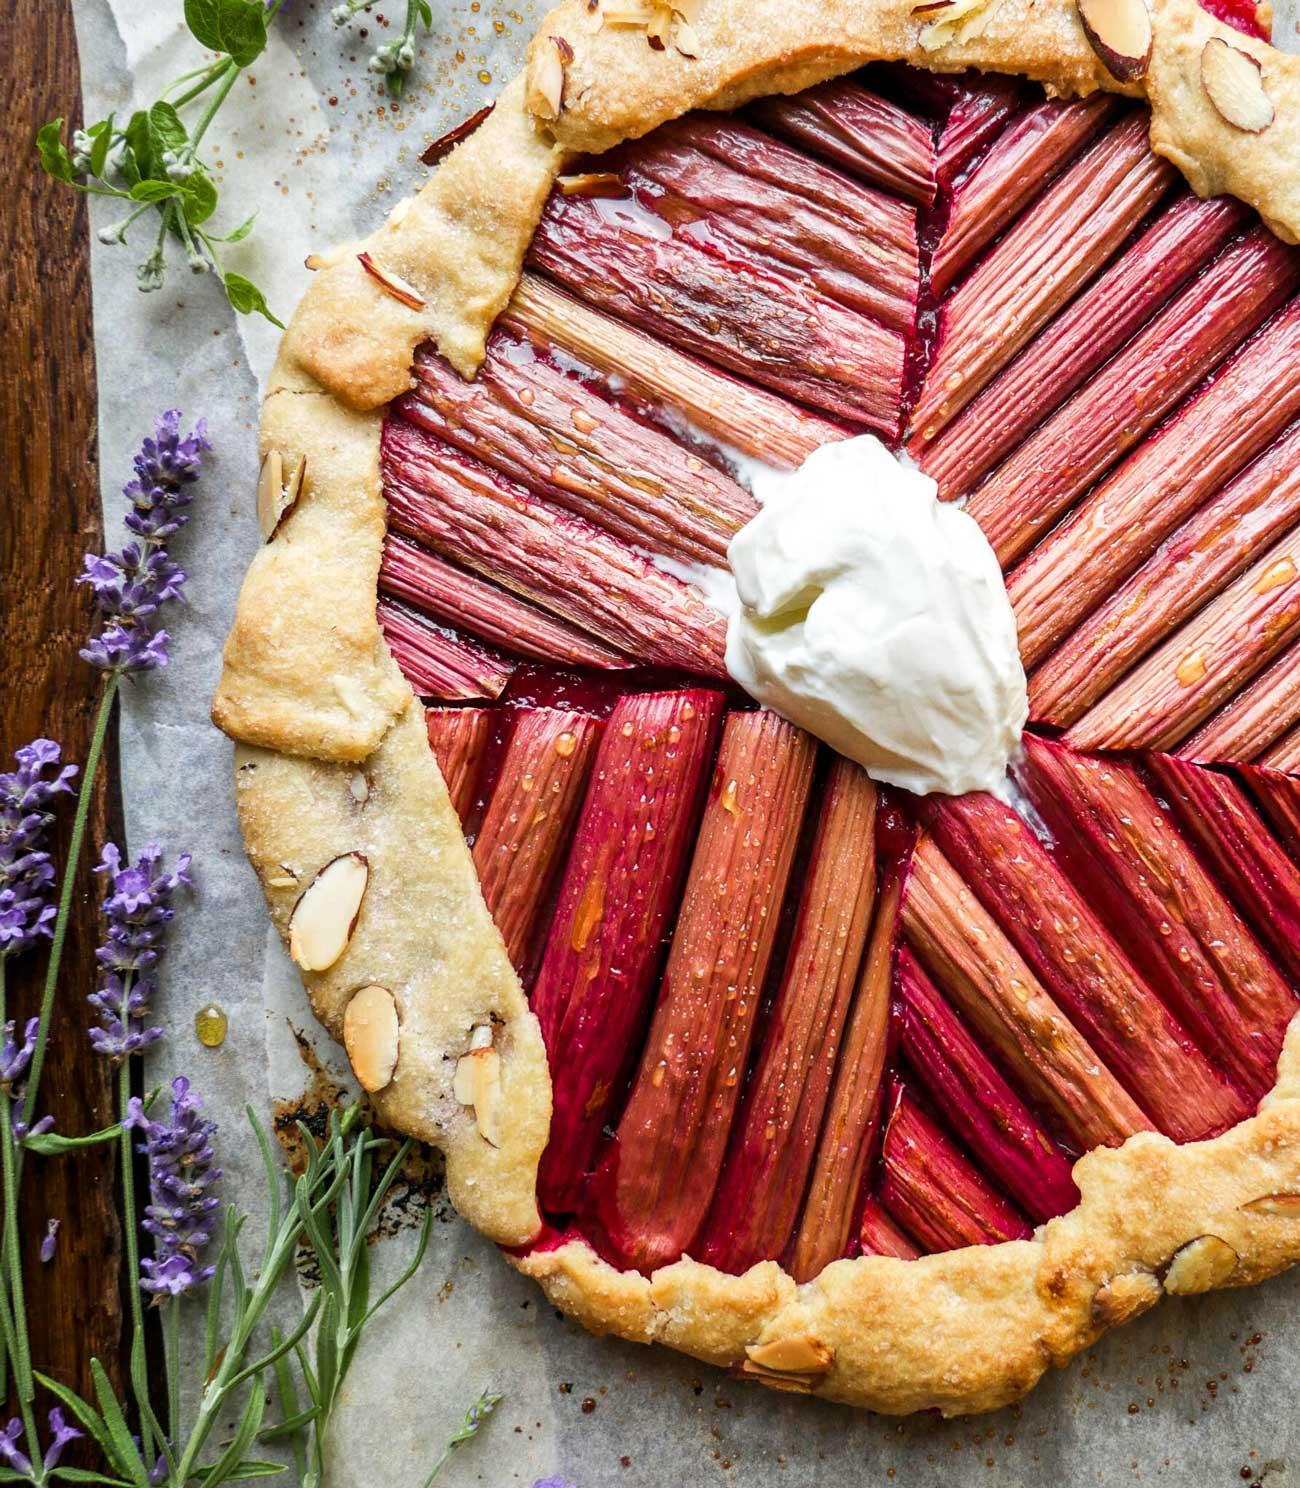 rabarber tærte opskrift på rabarberkage micadeli